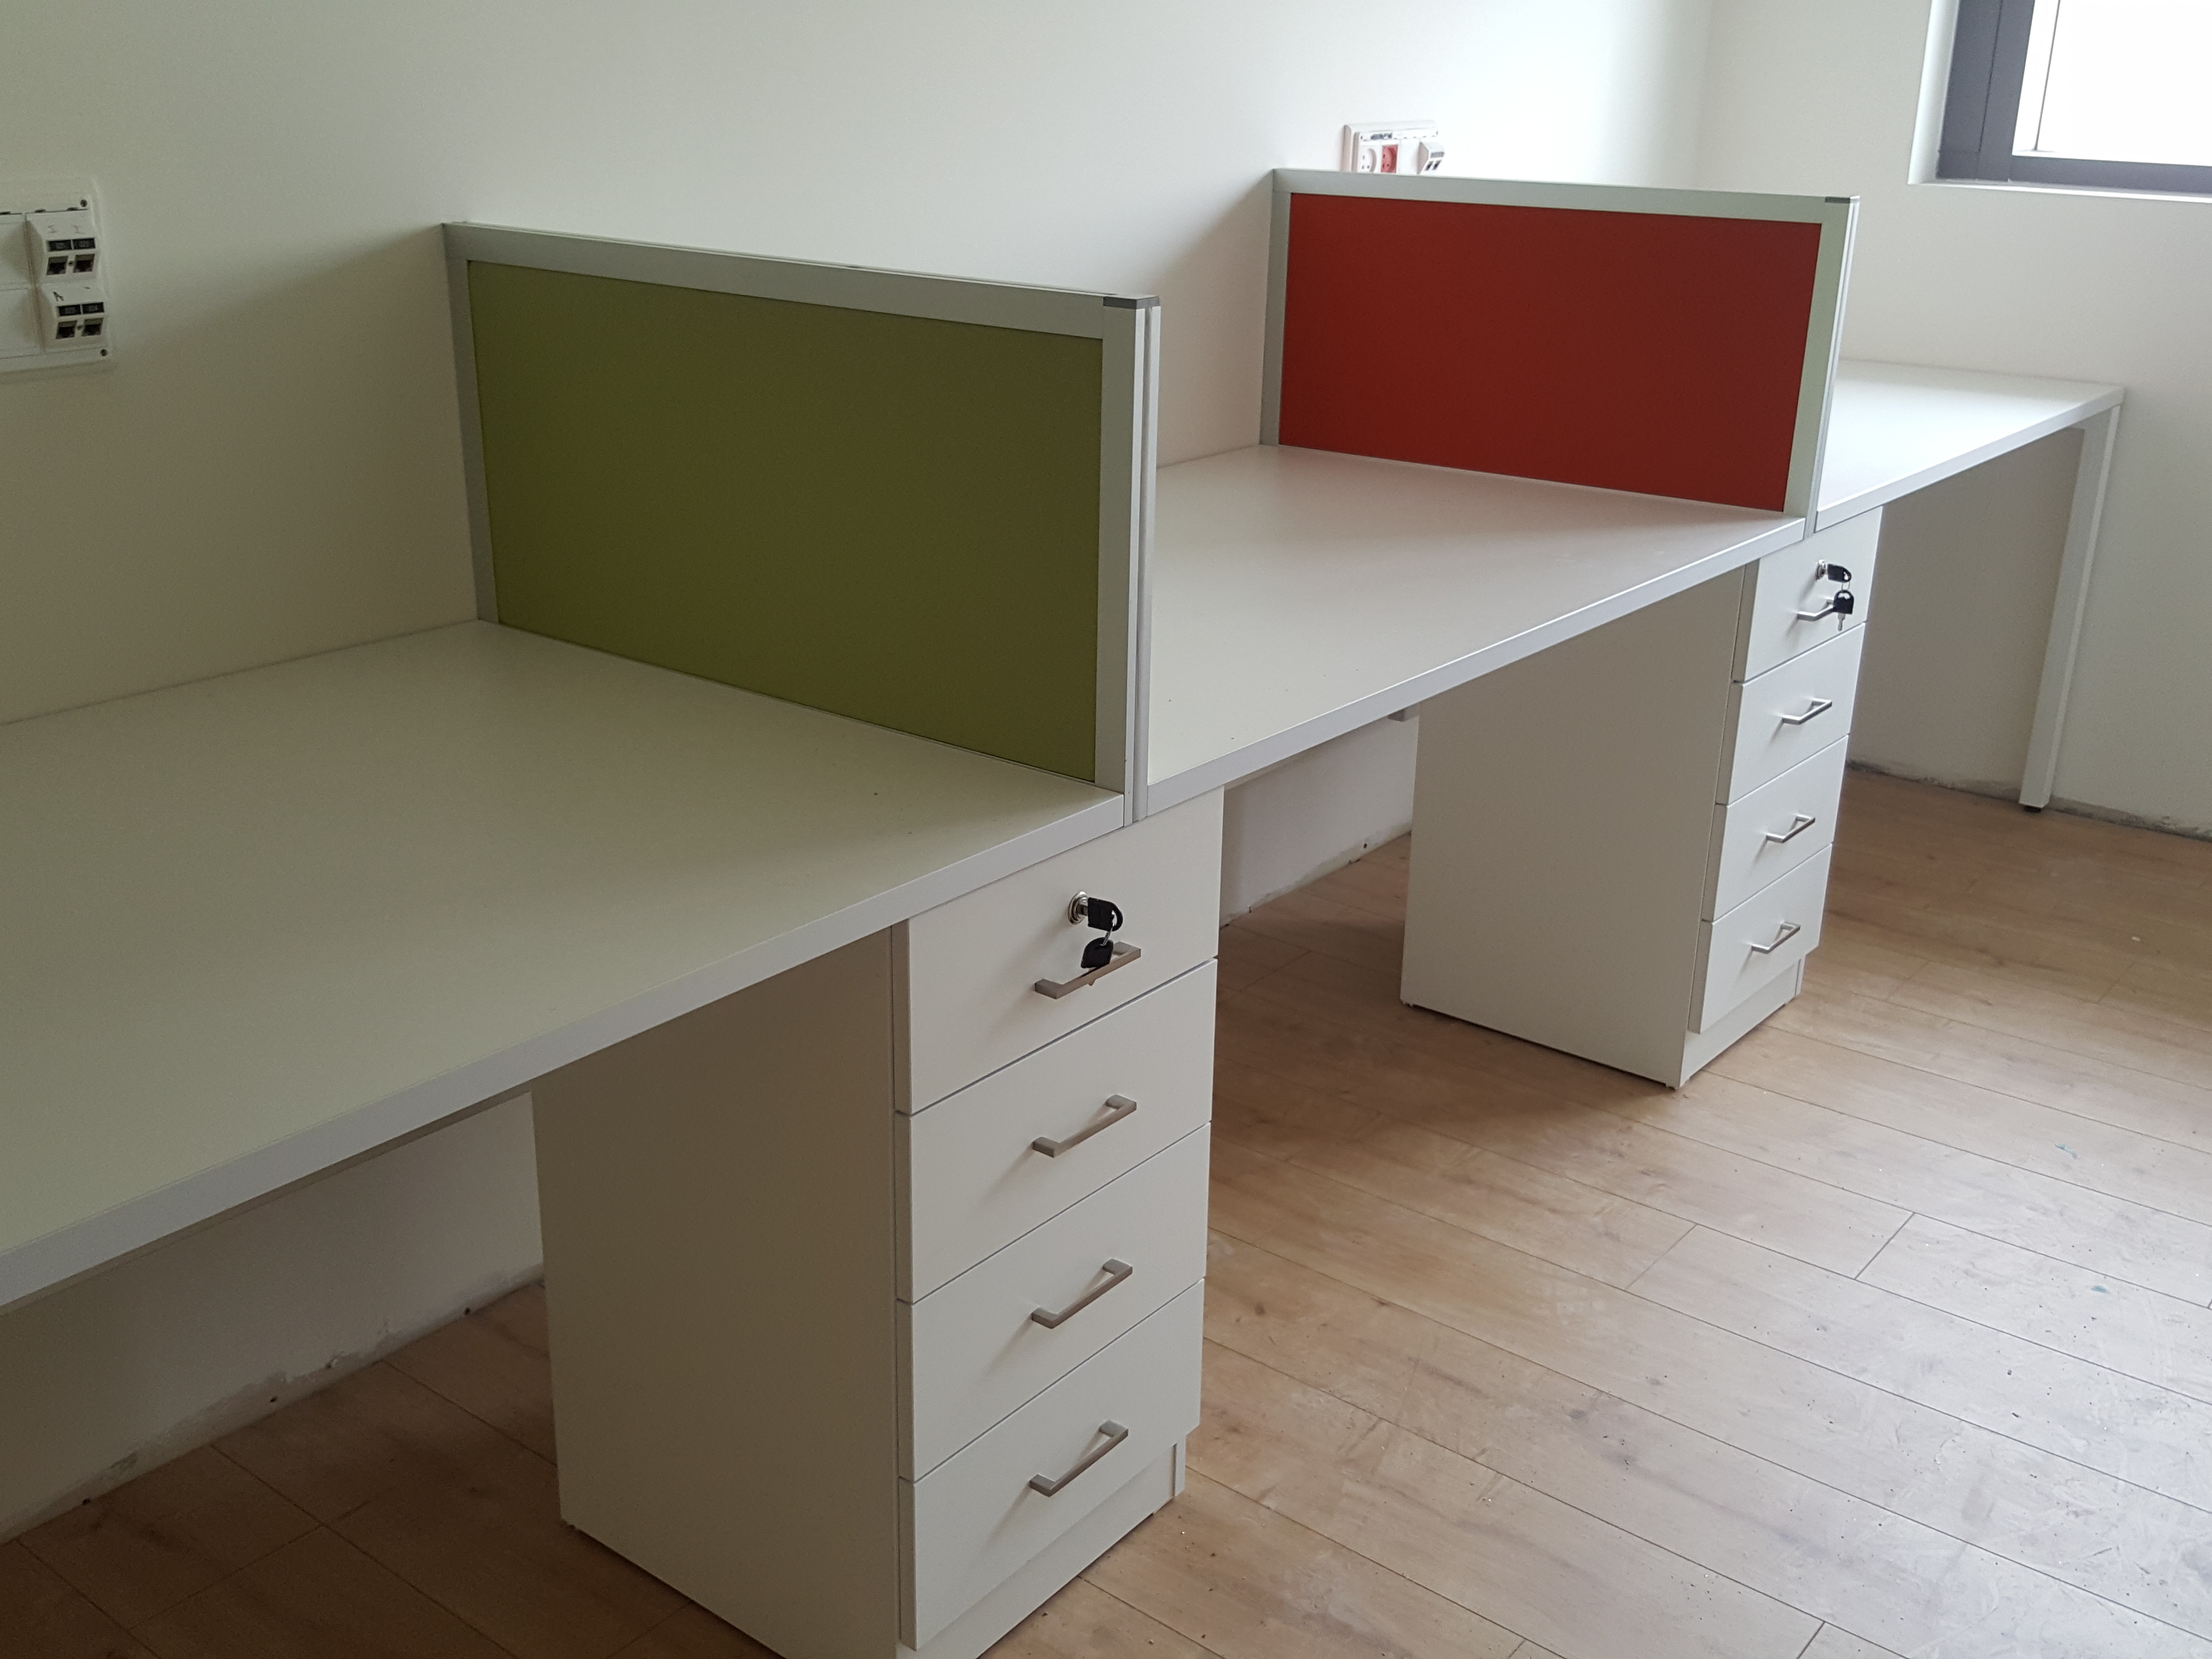 עמדות מחשב למשרד  עם מחיצות אקוסטיות וארגז מגירות